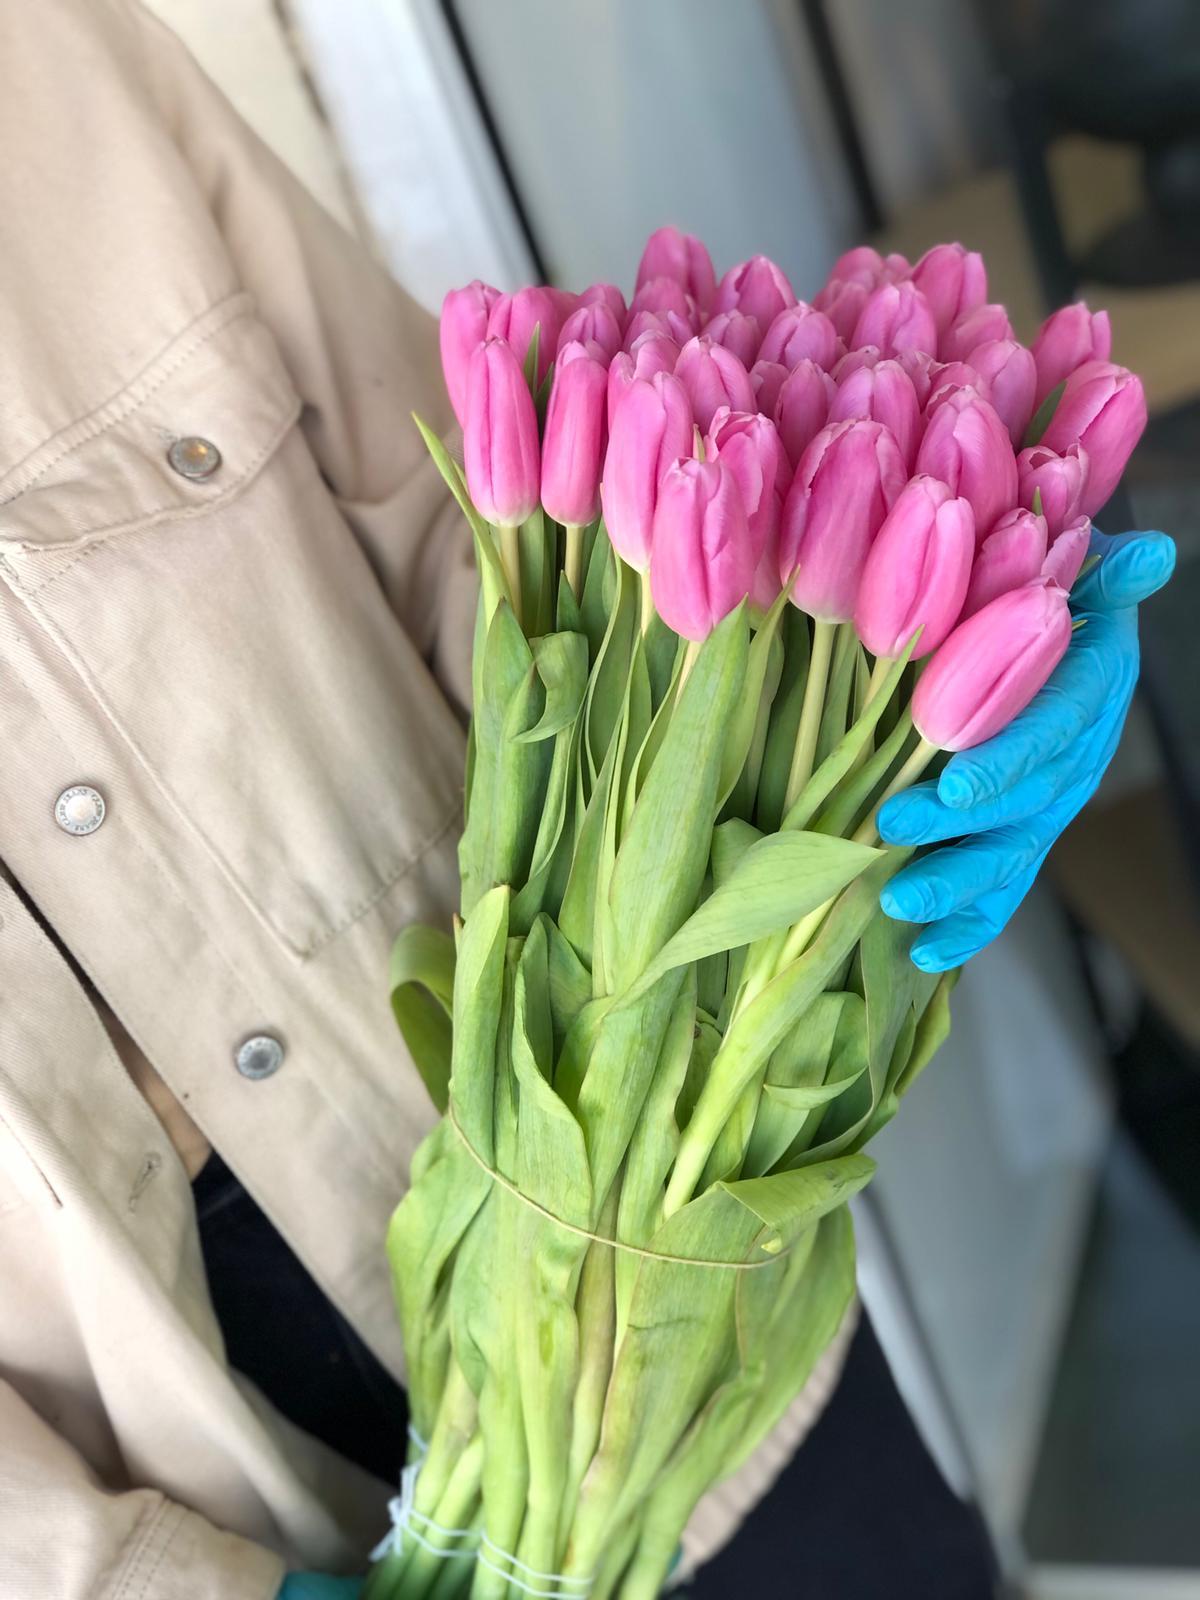 טוליפים של חורף - פרח באהבה - אילת